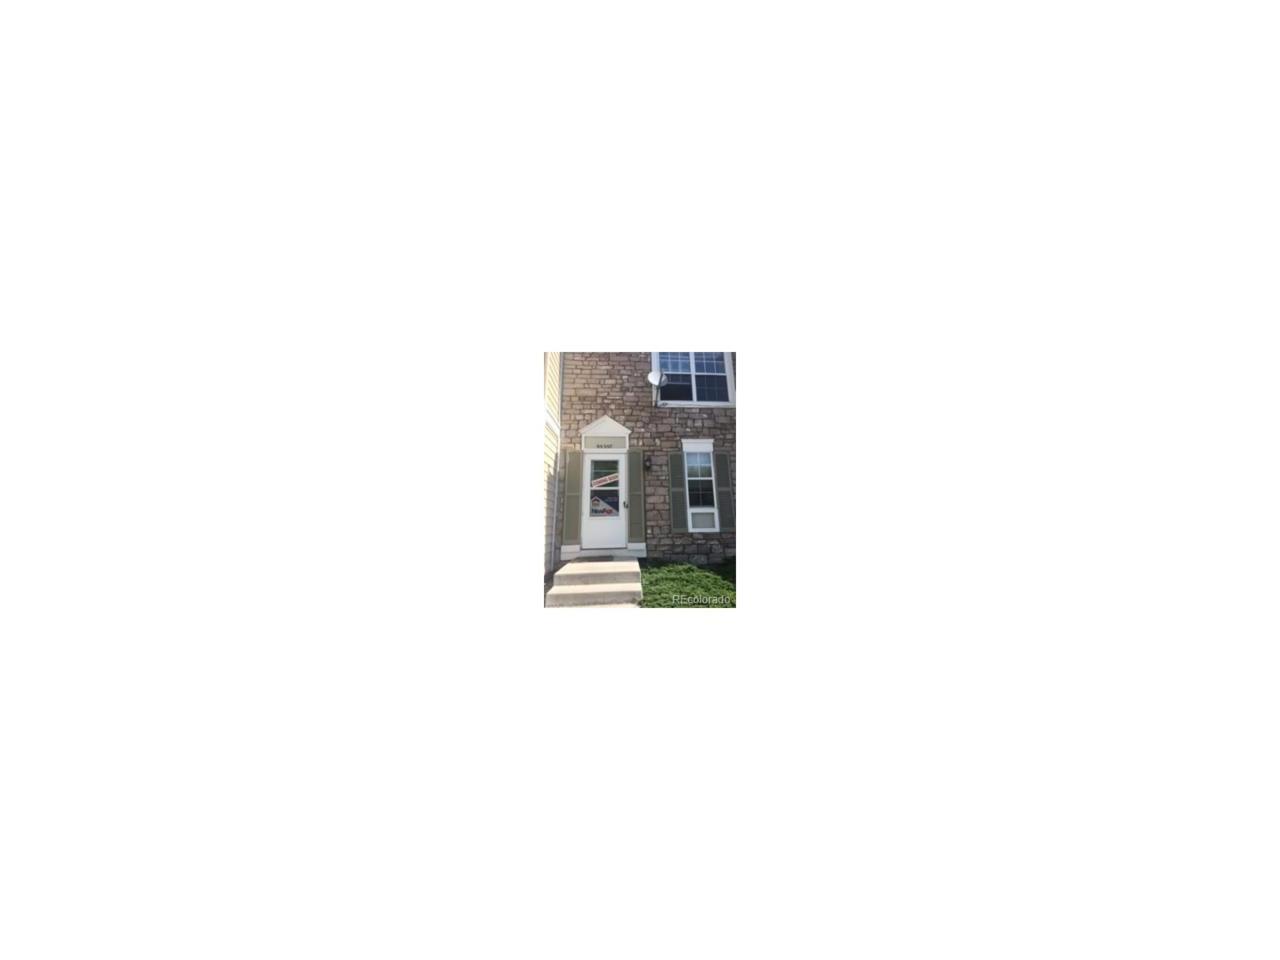 9535 W Coal Mine Avenue C, Littleton, CO 80123 (MLS #2936282) :: 8z Real Estate